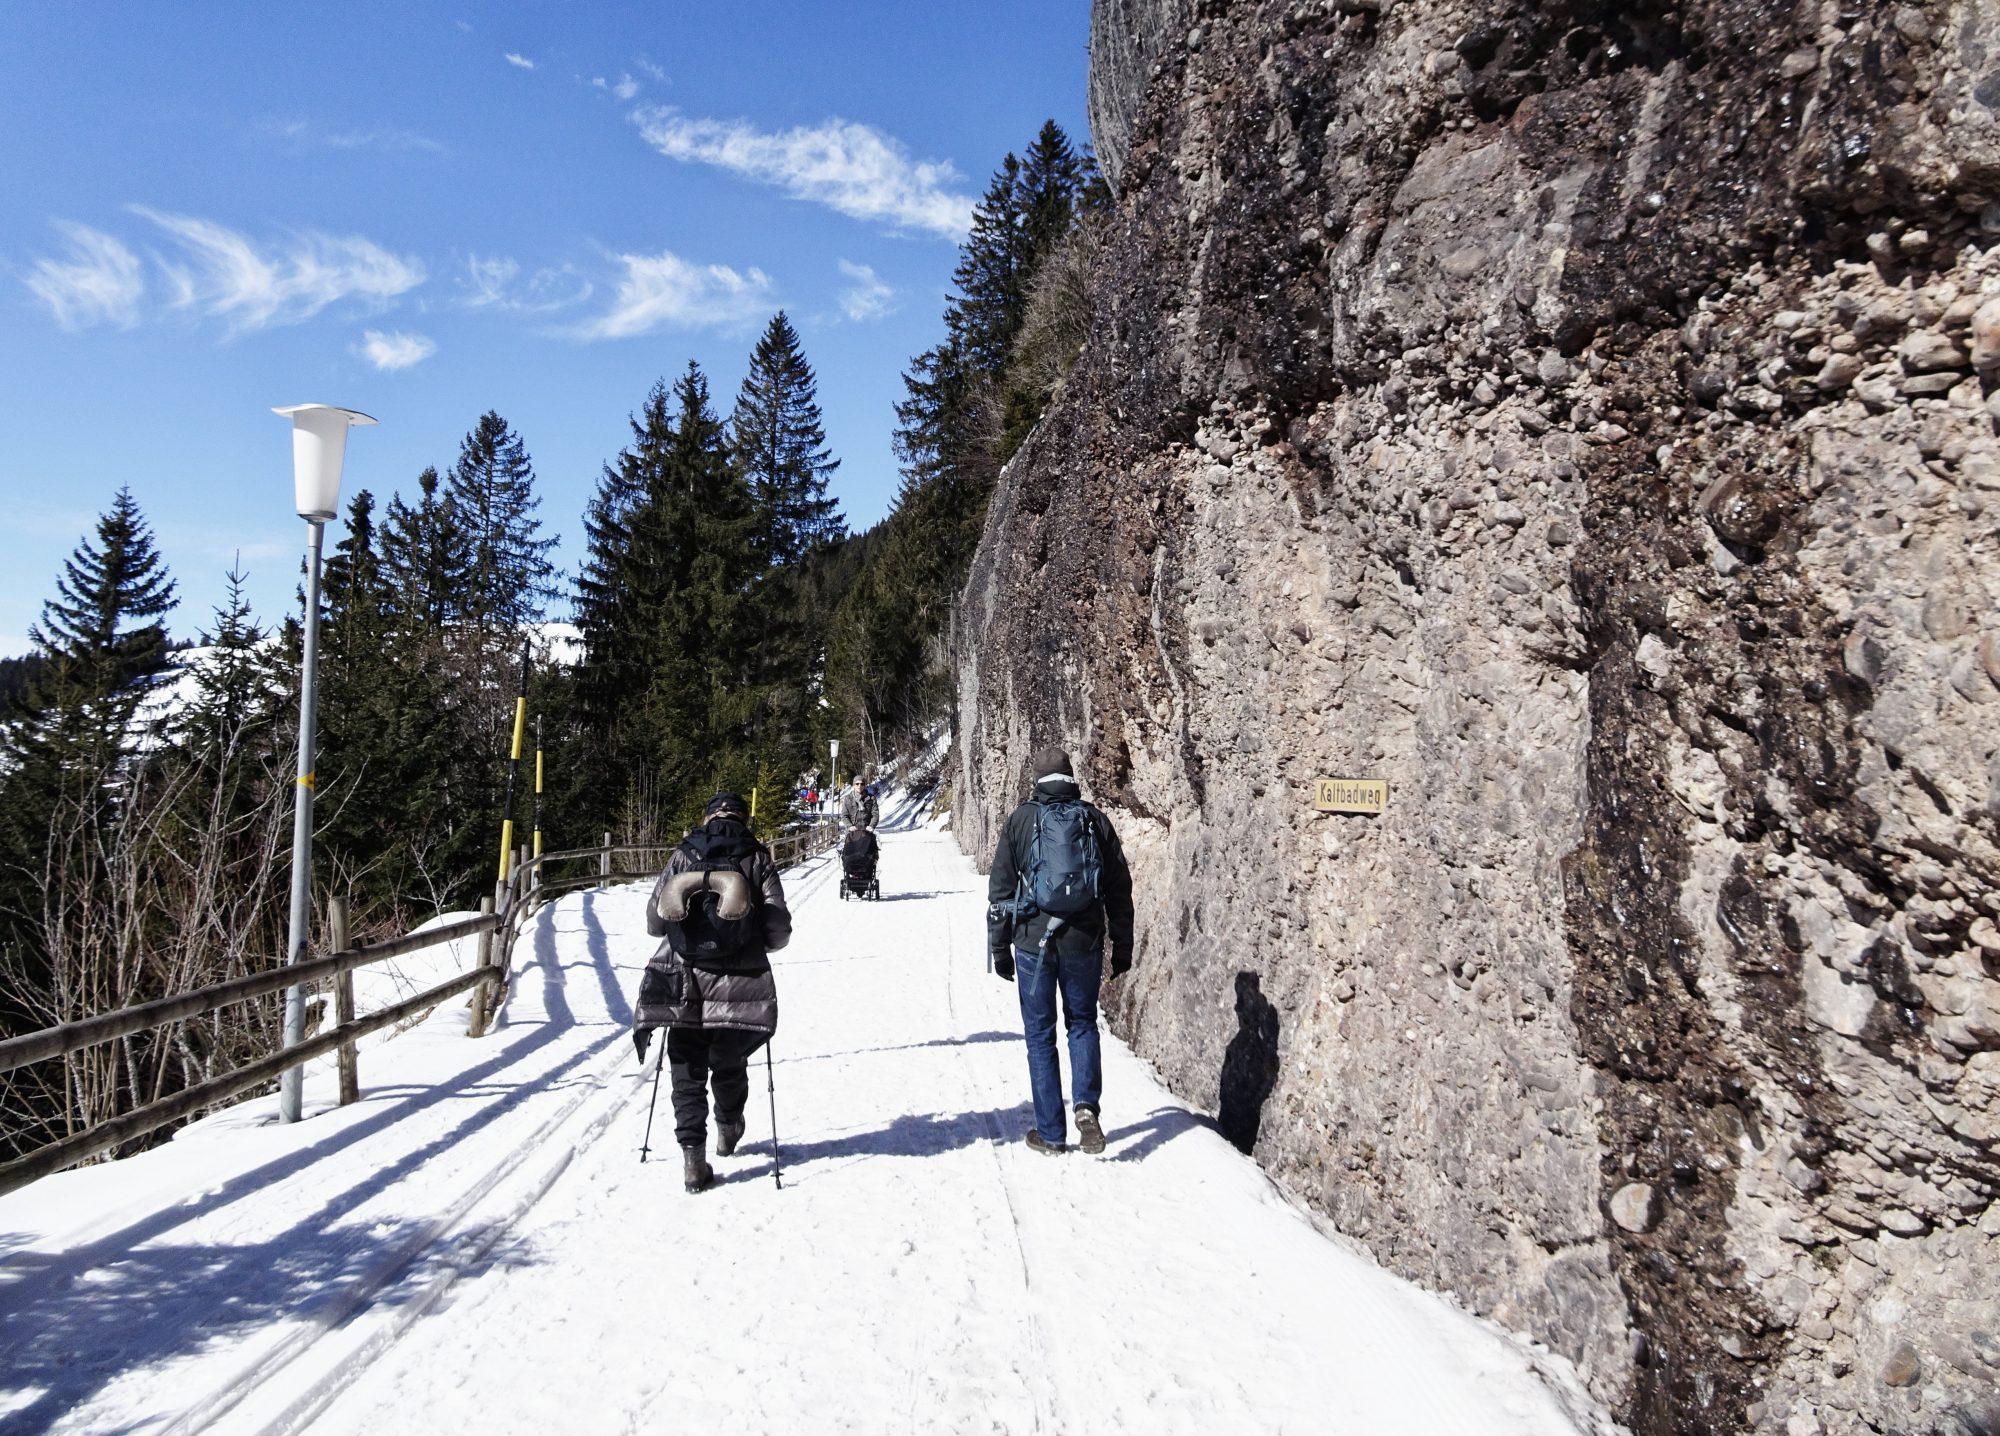 Schweiz, Luzern, Zürich, Rigi, Winterwanderung, Felsenweg